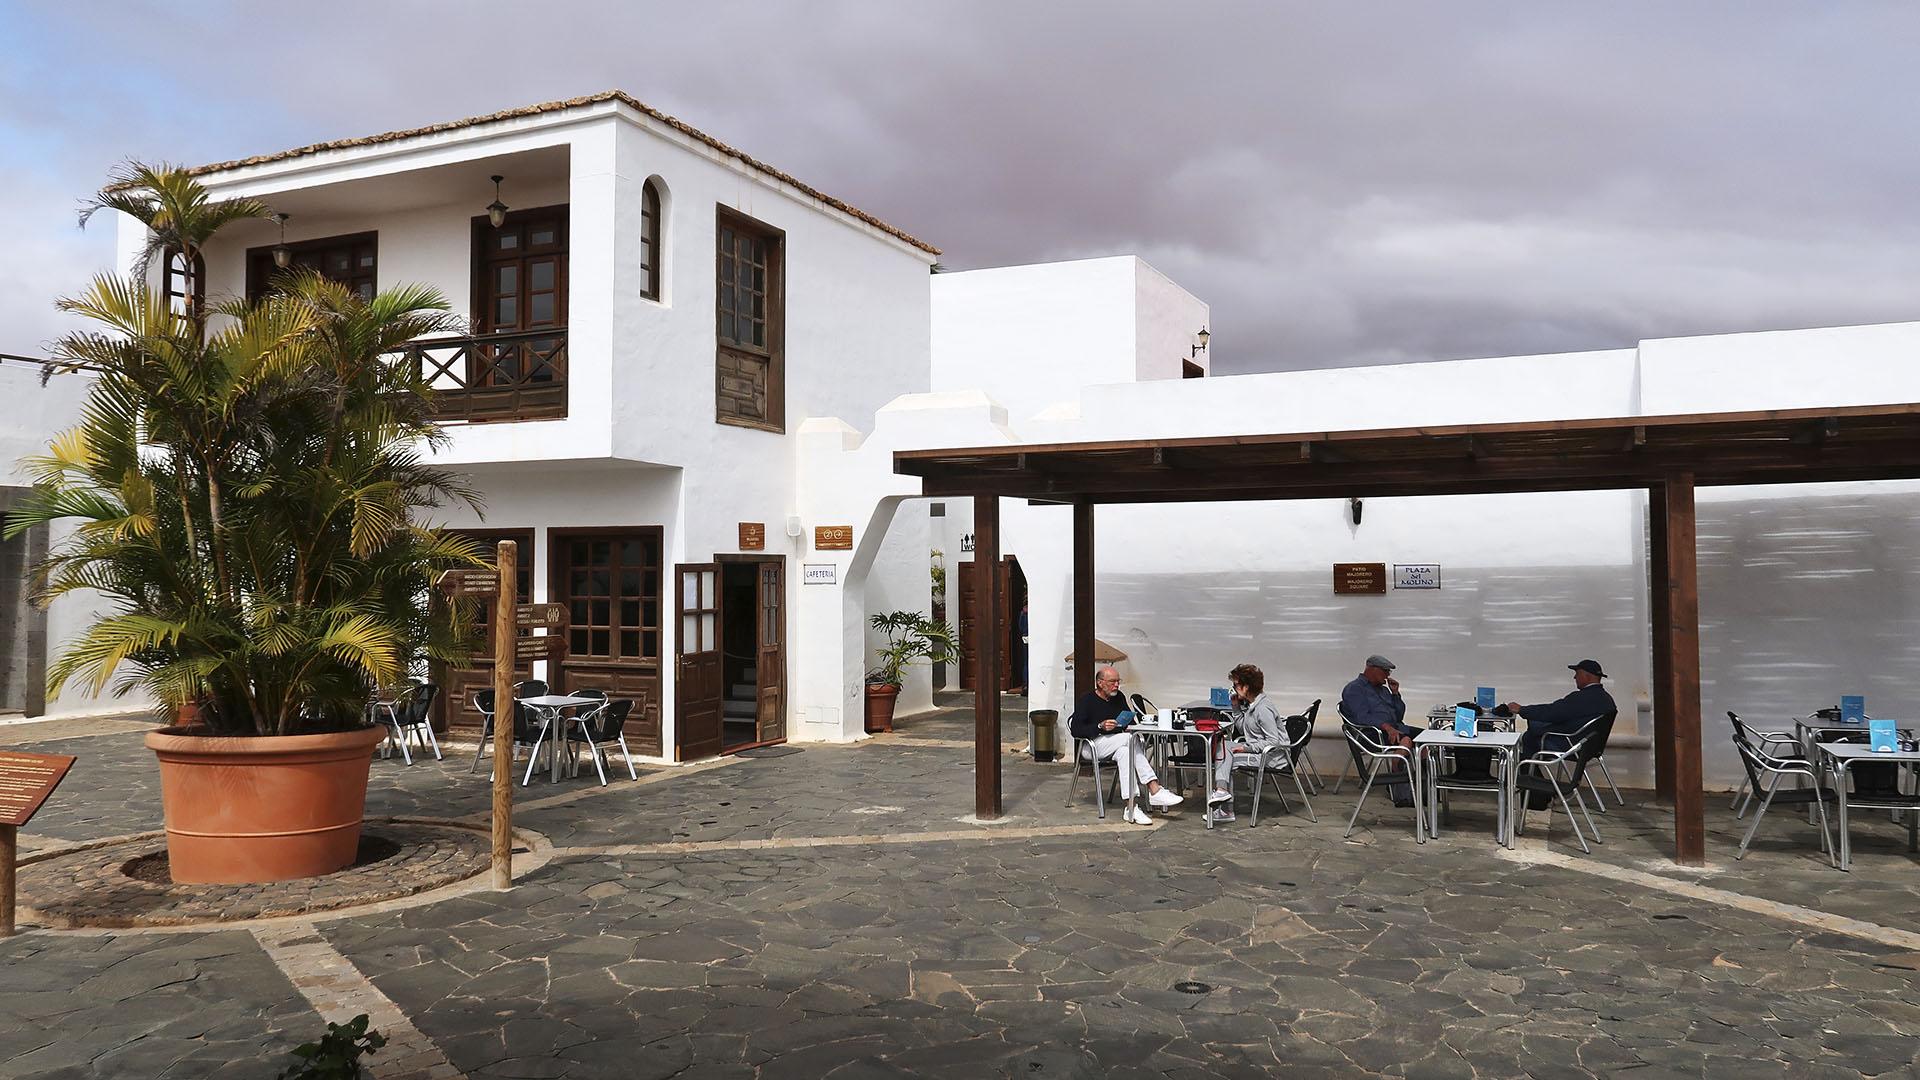 Museo del Queso Majorero Antigua Fuerteventura –Käsemuseum.